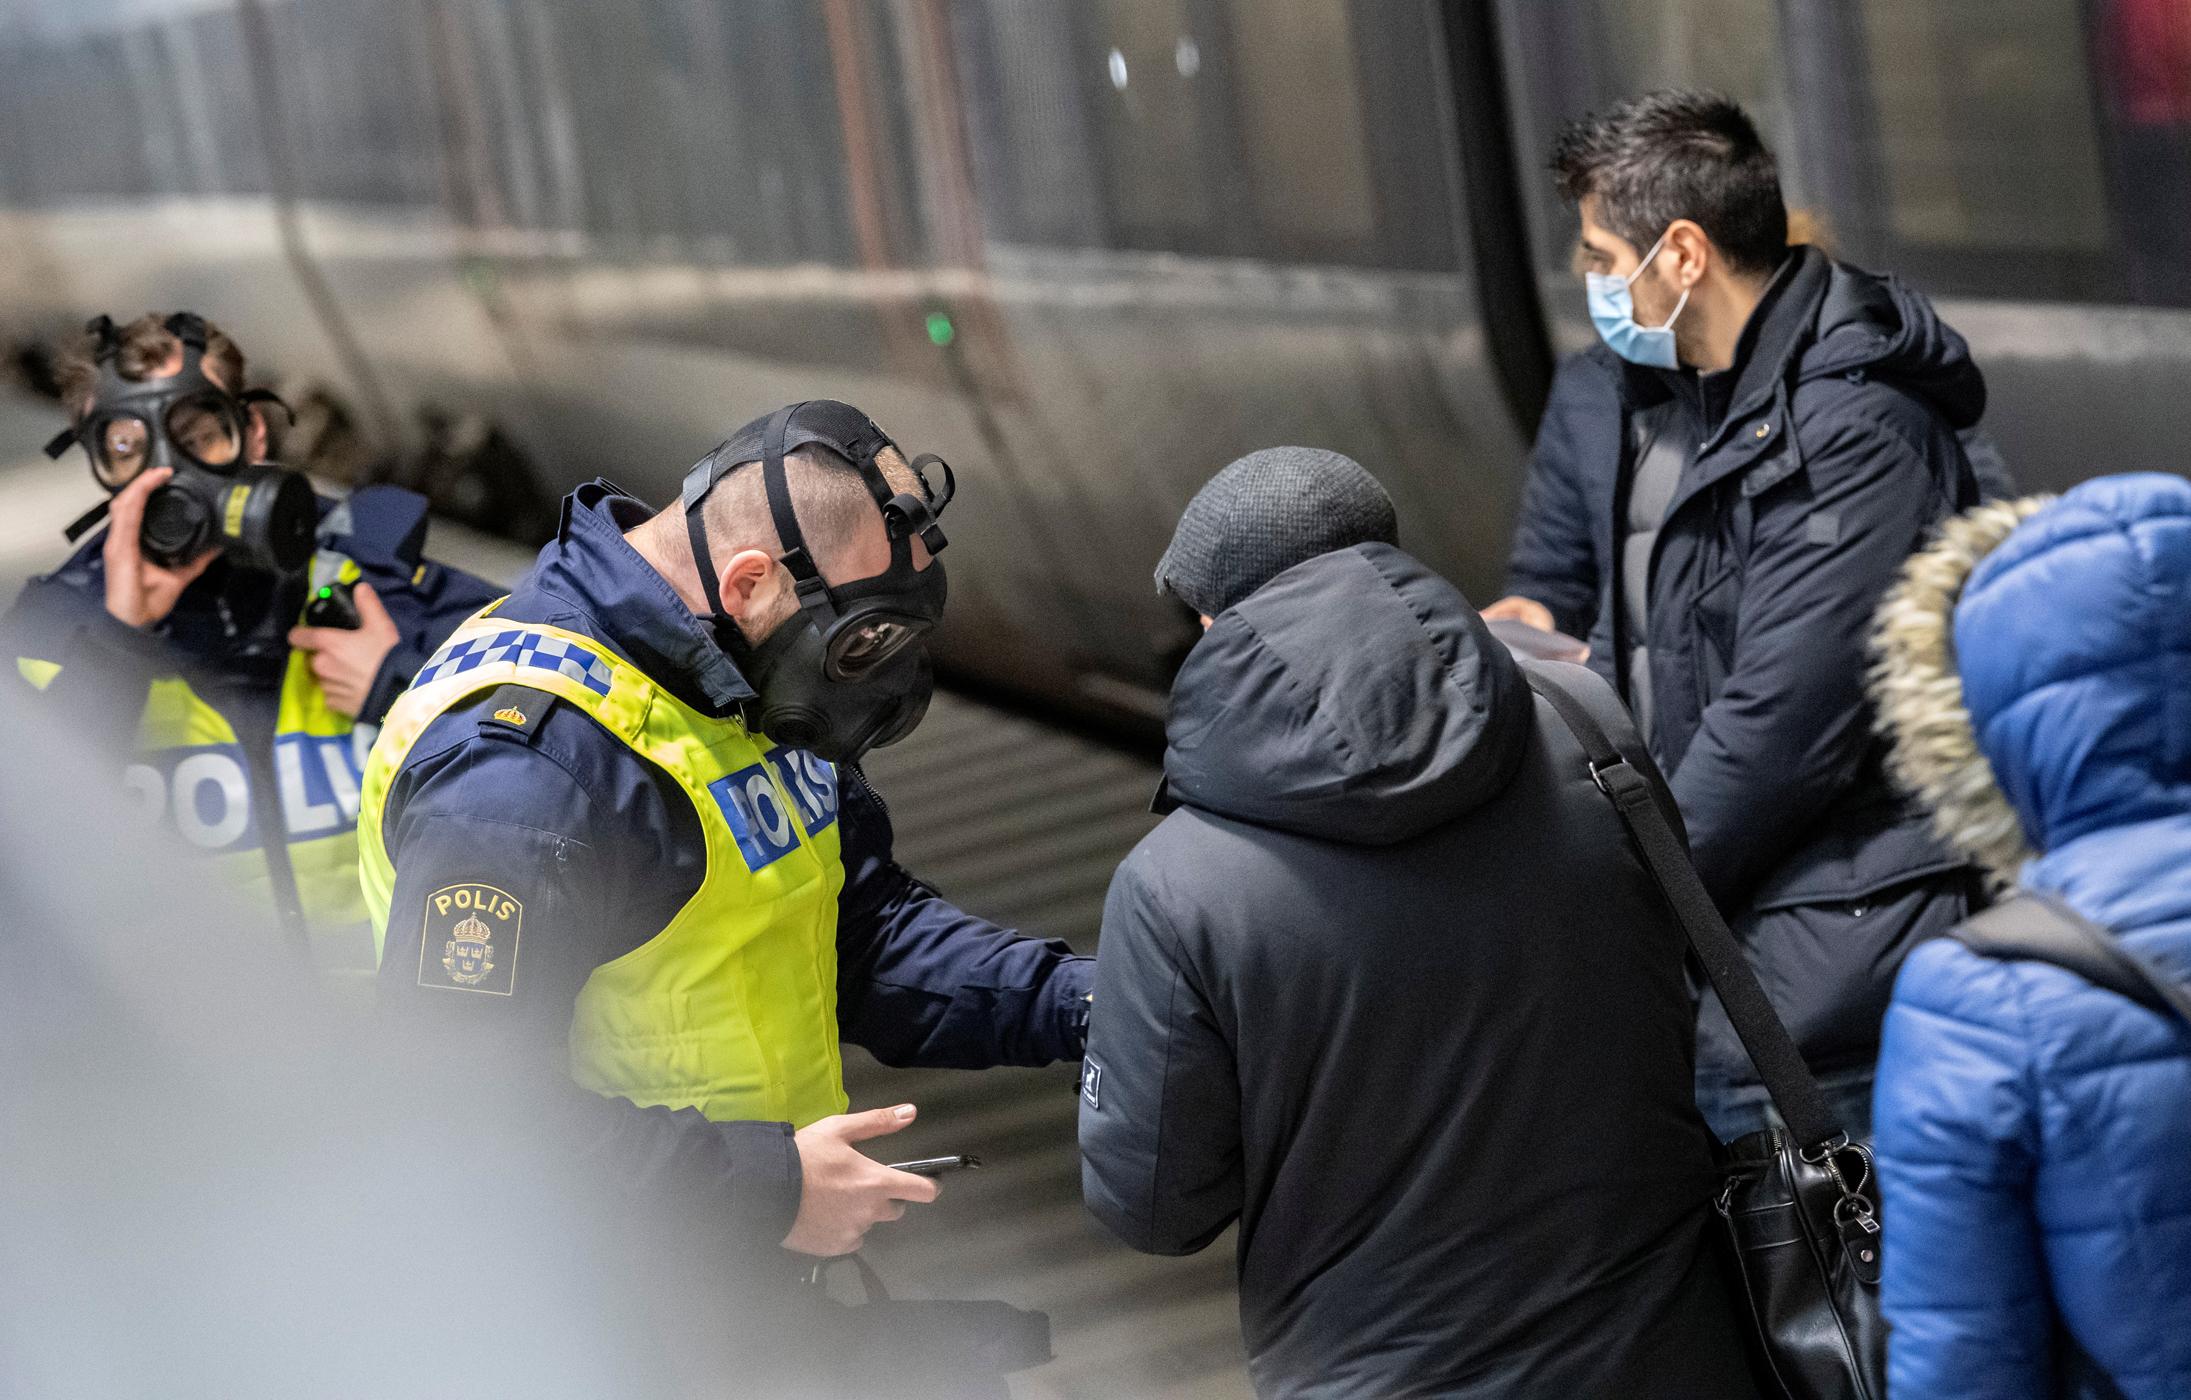 Σουηδία: Χρήση μάσκας ζητά η κυβέρνηση μετά το ρεκόρ θανάτων από κορονοϊό